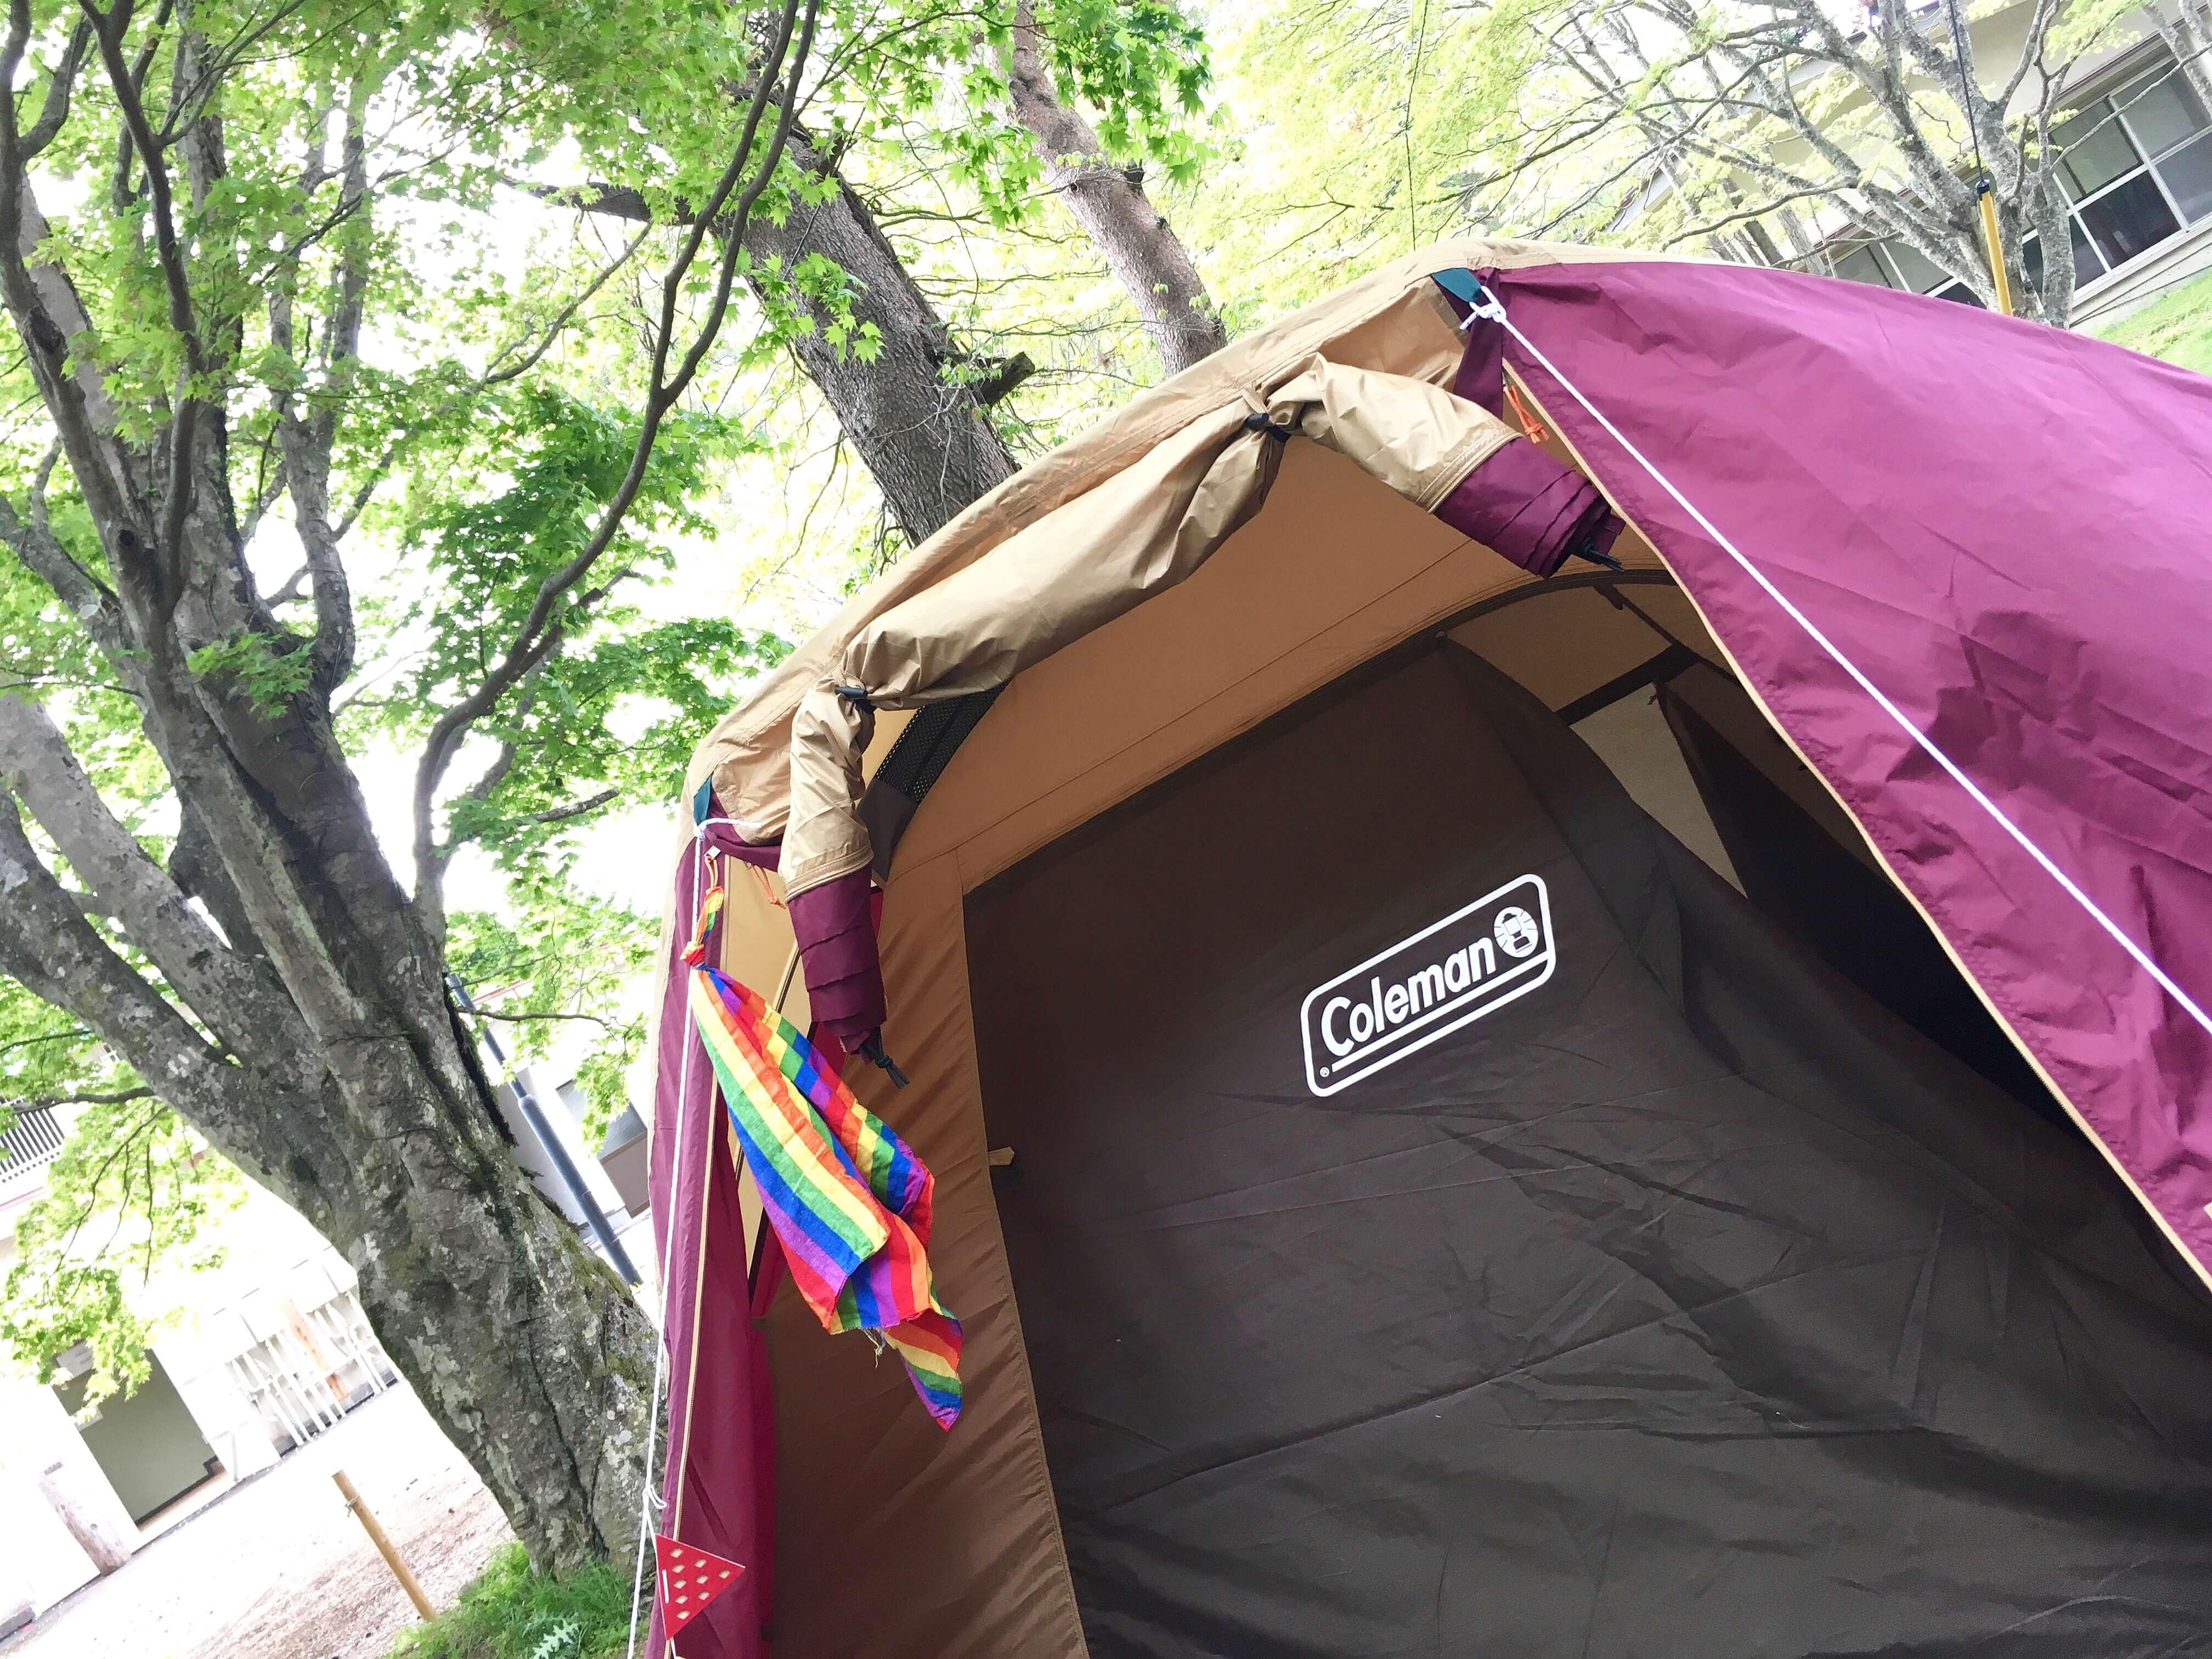 キャンプ用品 購入 メリット